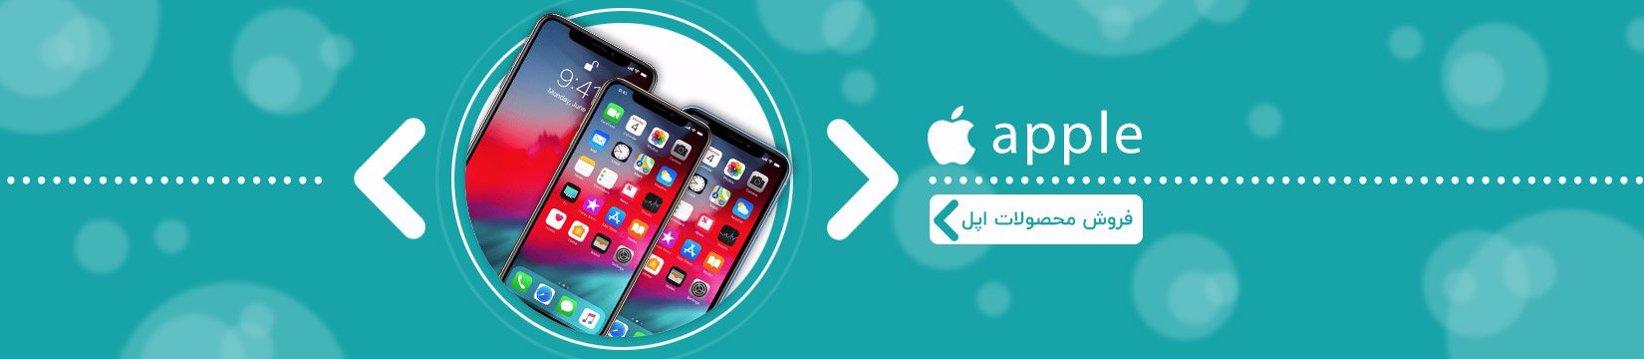 گوشیهای اپل